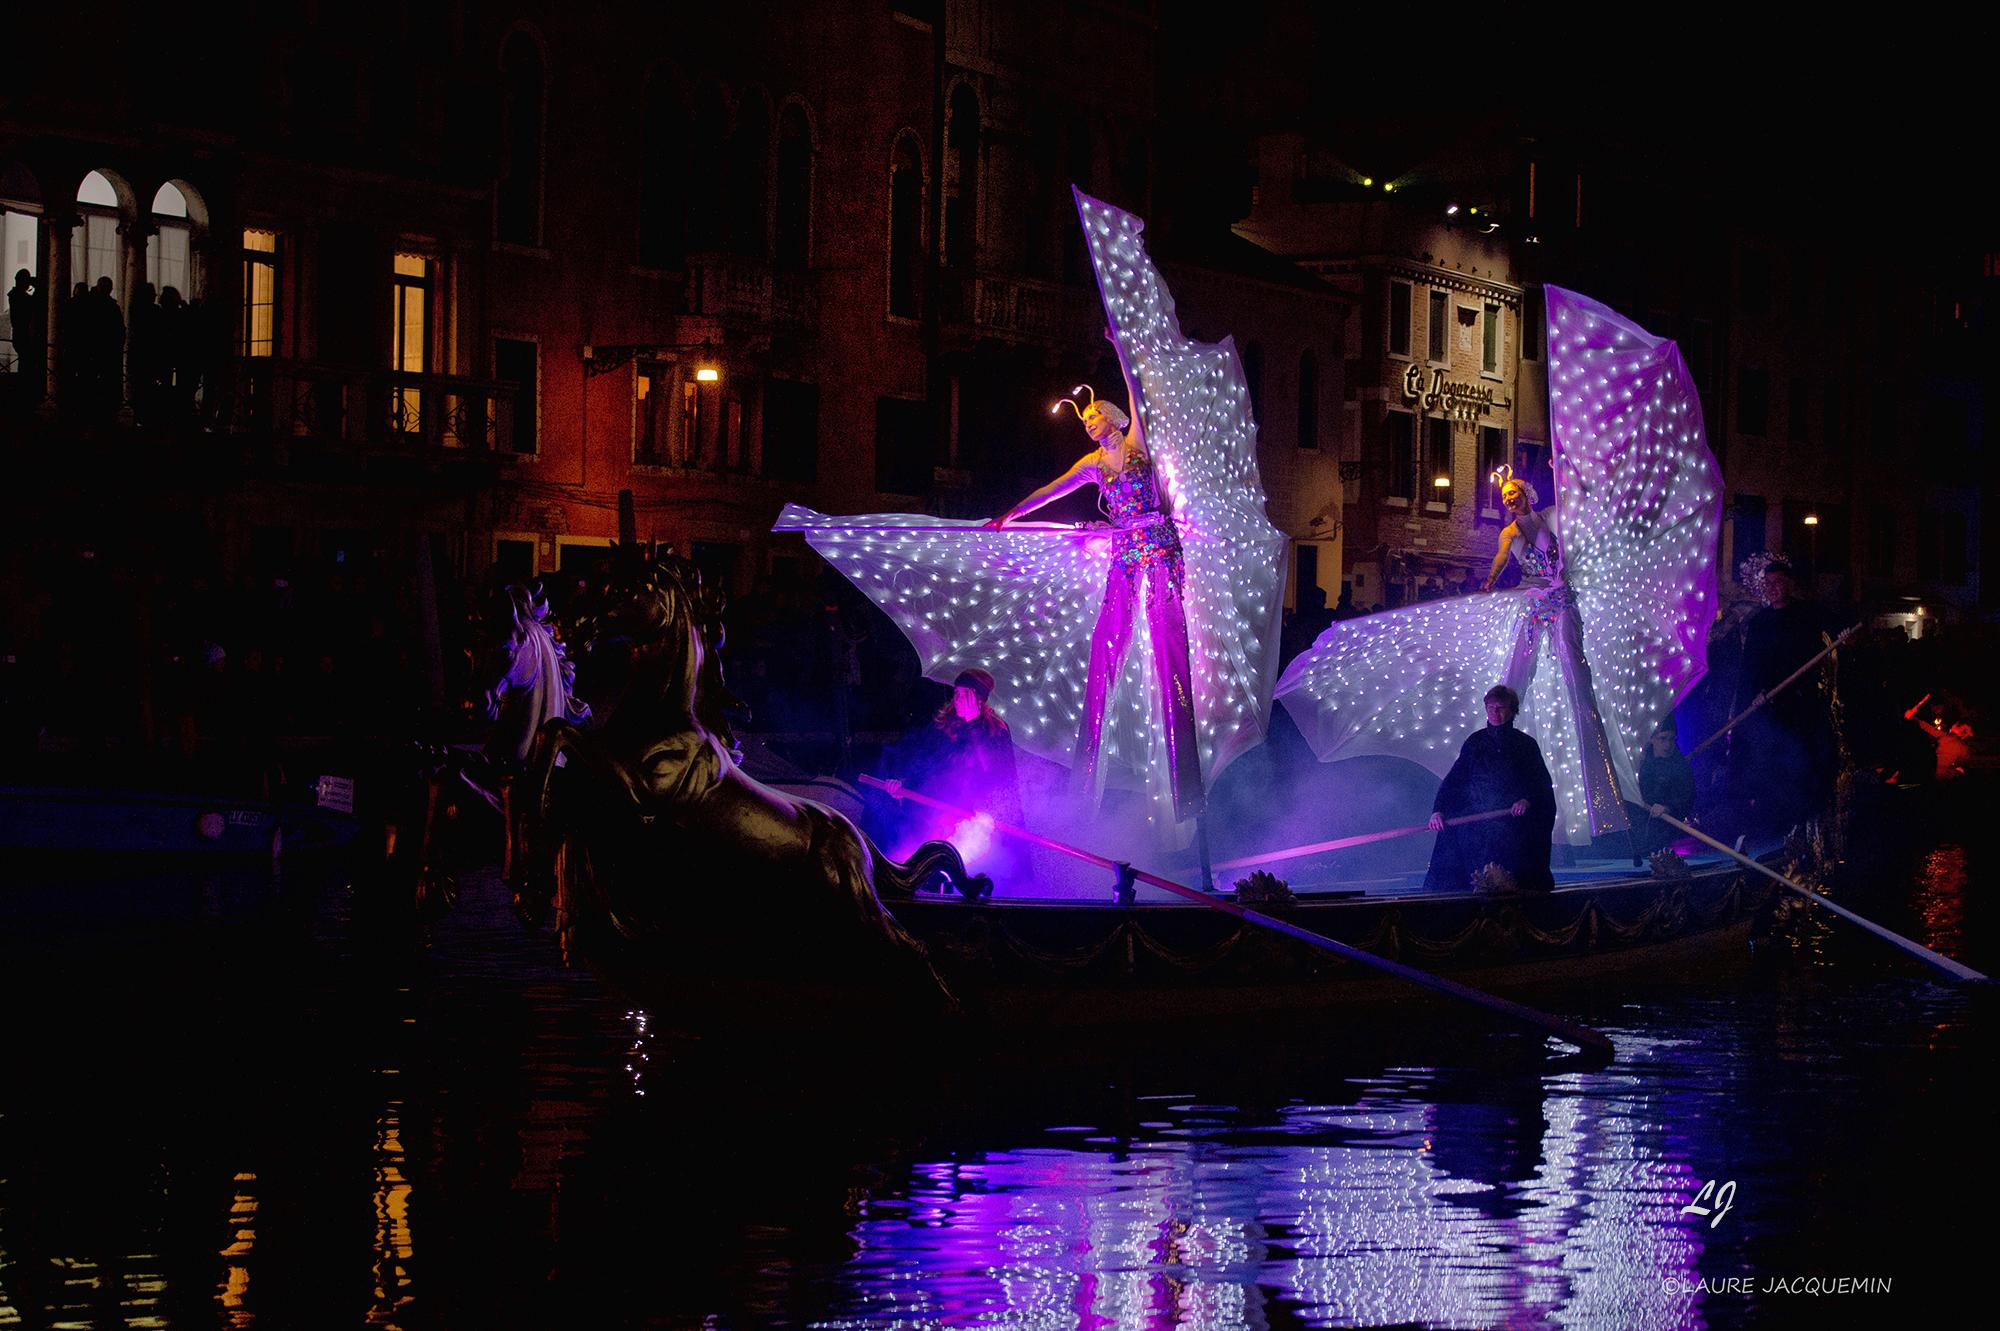 Meilleur photos Carnaval de Venise 2018 laure jacquemin (94)